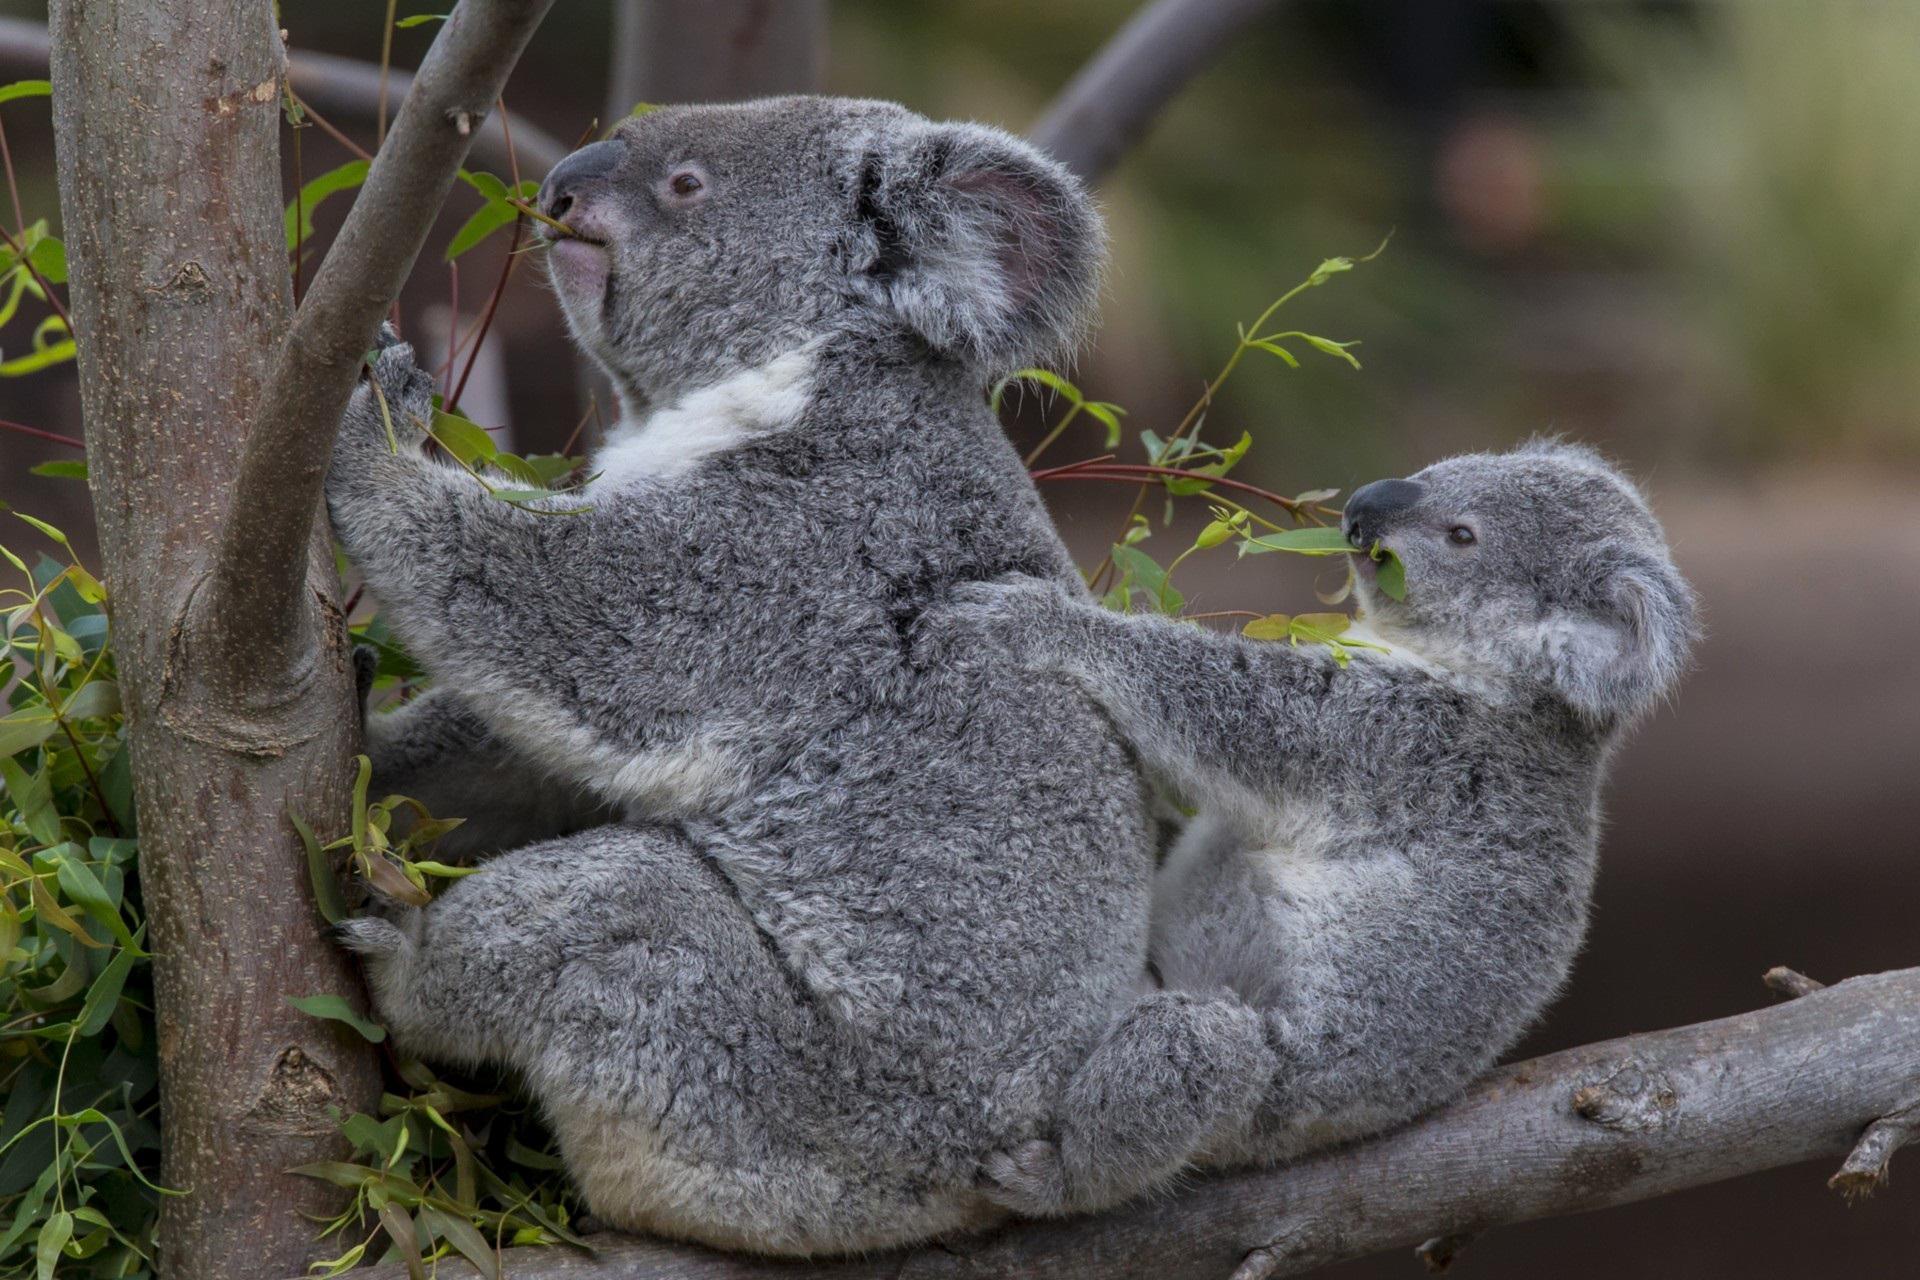 Fond D Ecran Branche Faune Bebe Couple Koalas Arbre